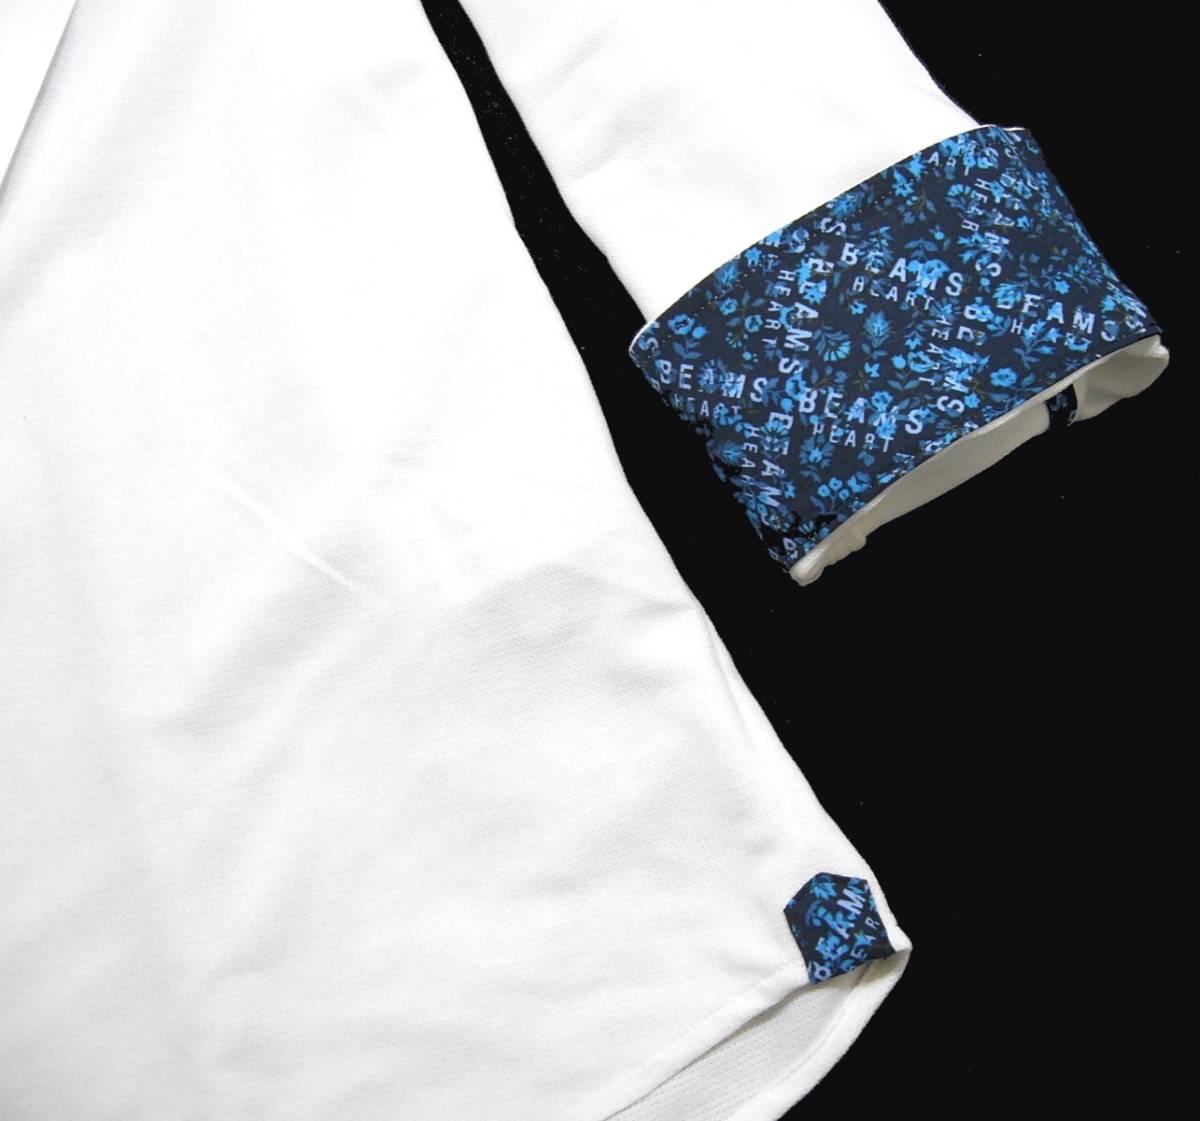 新品 春夏 ★ ビームス 七分袖 カプリシャツ L 白 ホワイト カット プルオーバー 小花柄 BEAMS HEART_画像4